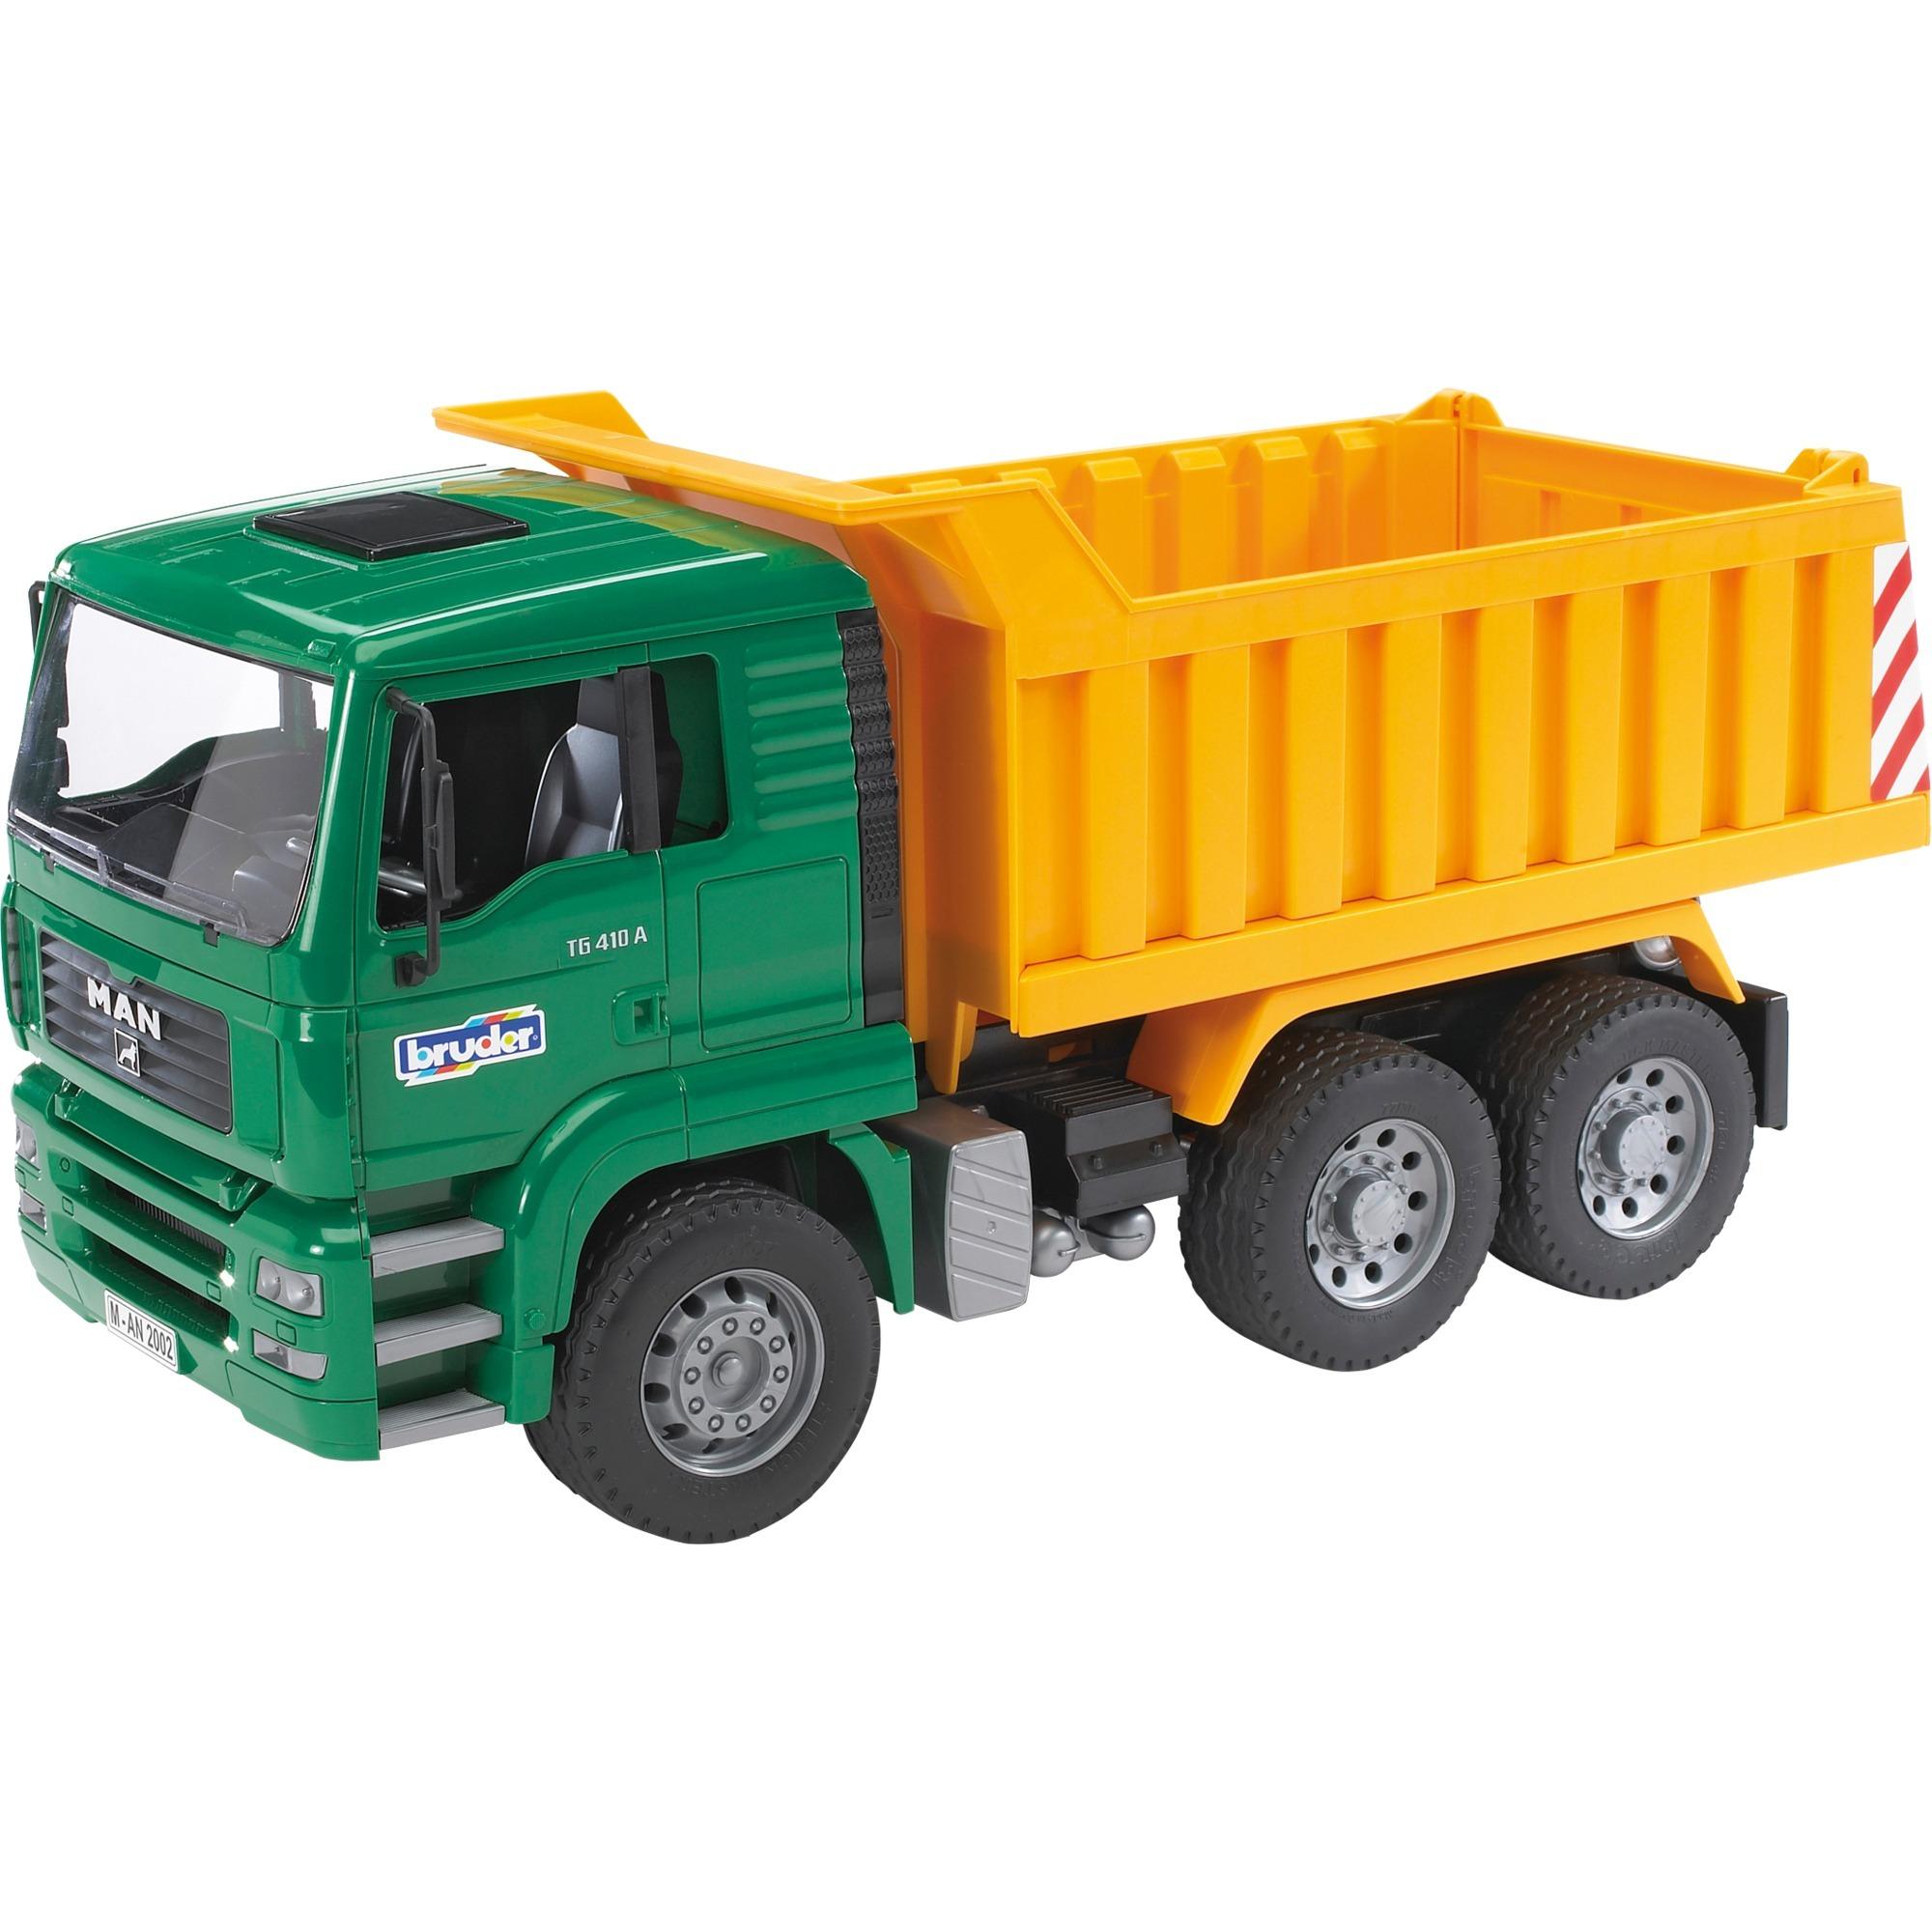 2765-model-koretoj